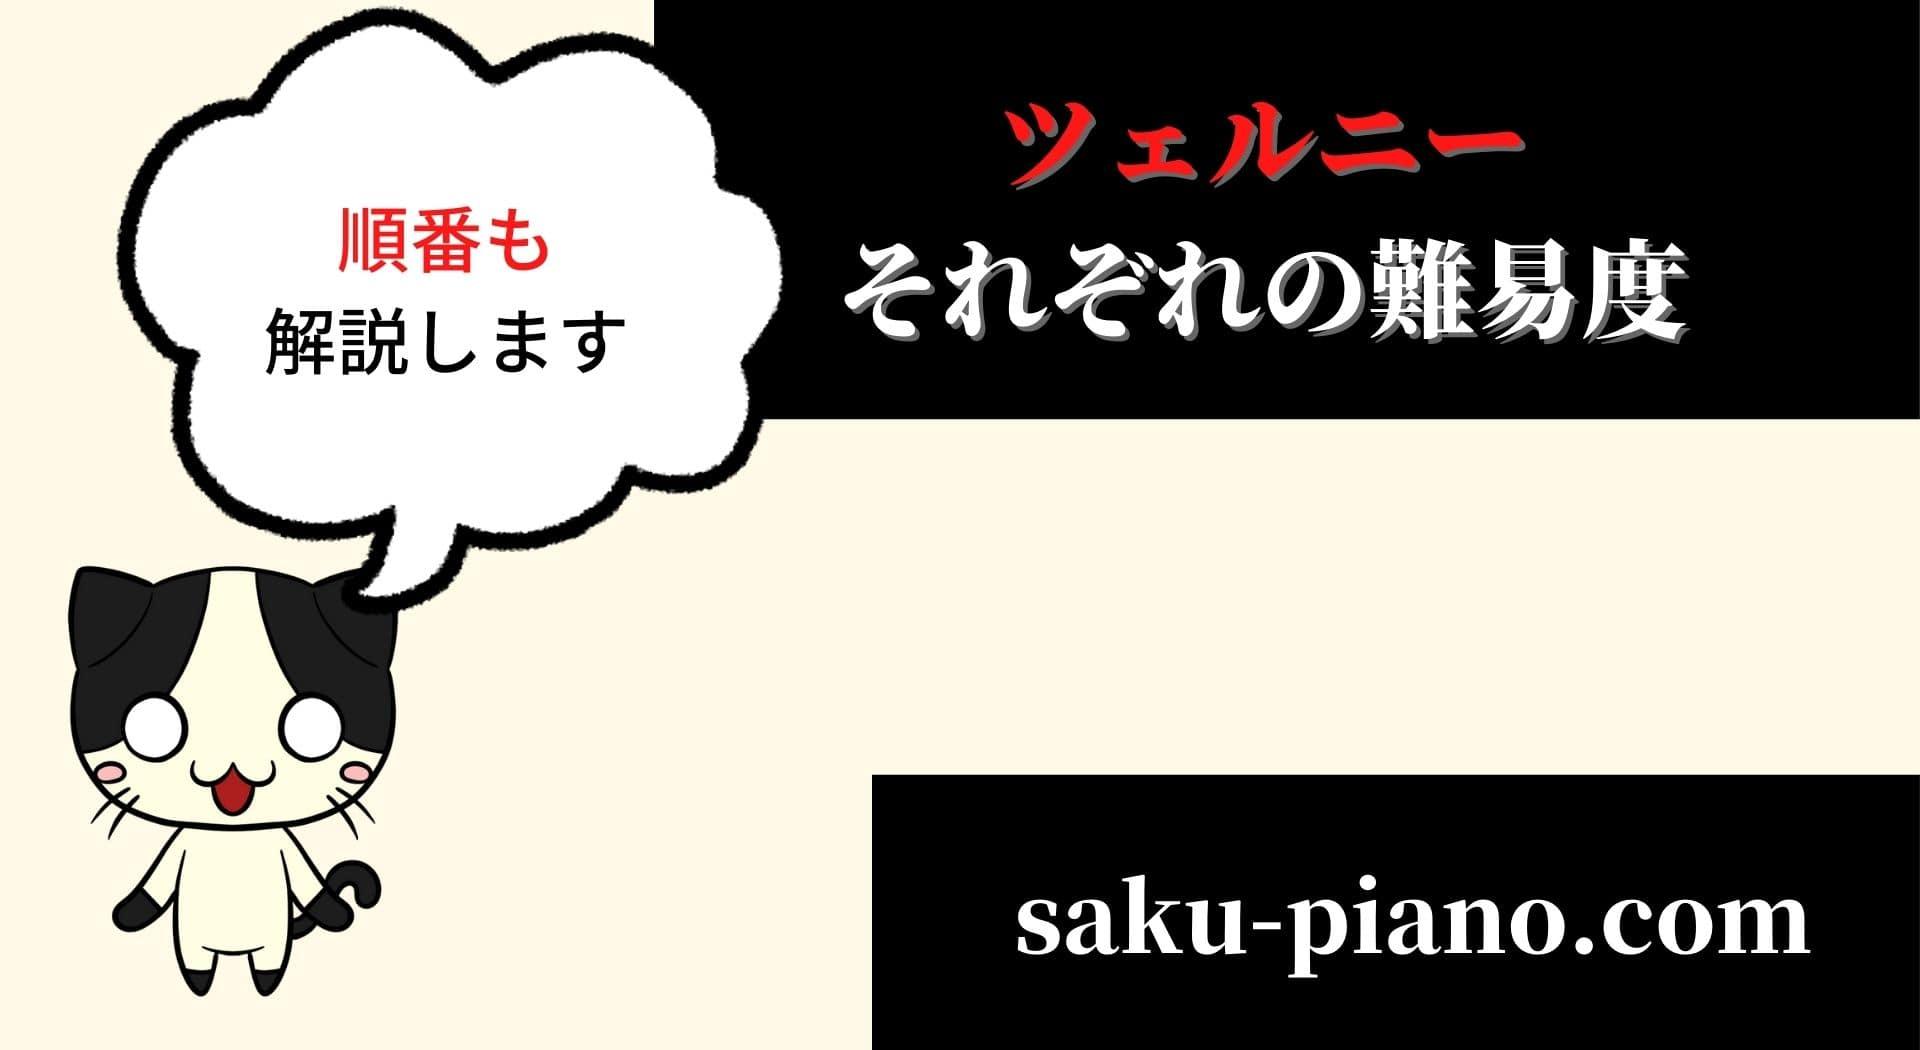 ピアノが上手い人の 特徴まとめ (2)-minのアイキャッチ画像